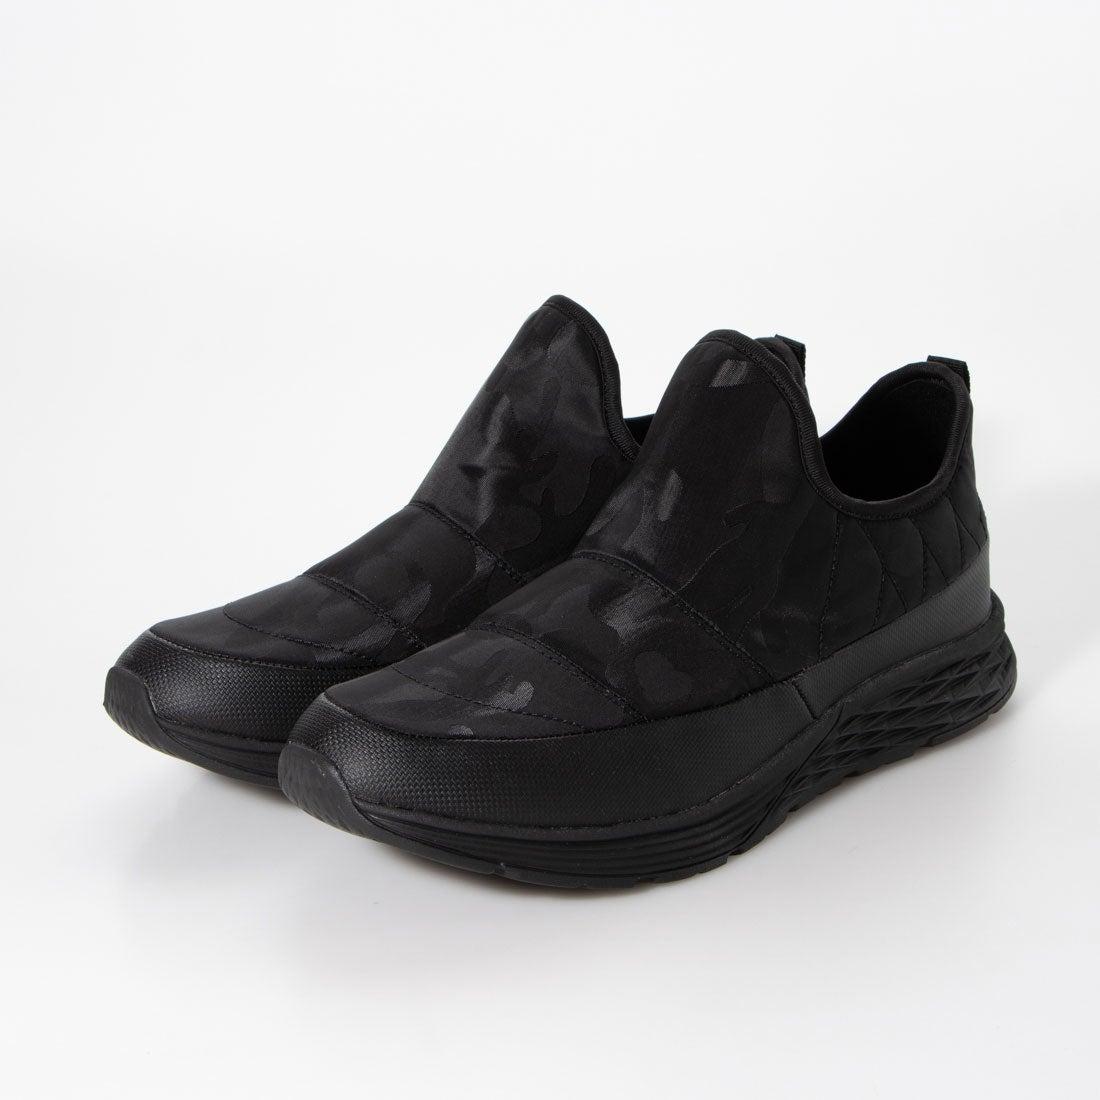 ロコンド 靴とファッションの通販サイトスタイルブロック STYLEBLOCK 難燃素材アウトドアシューズ (ブラックカモ)